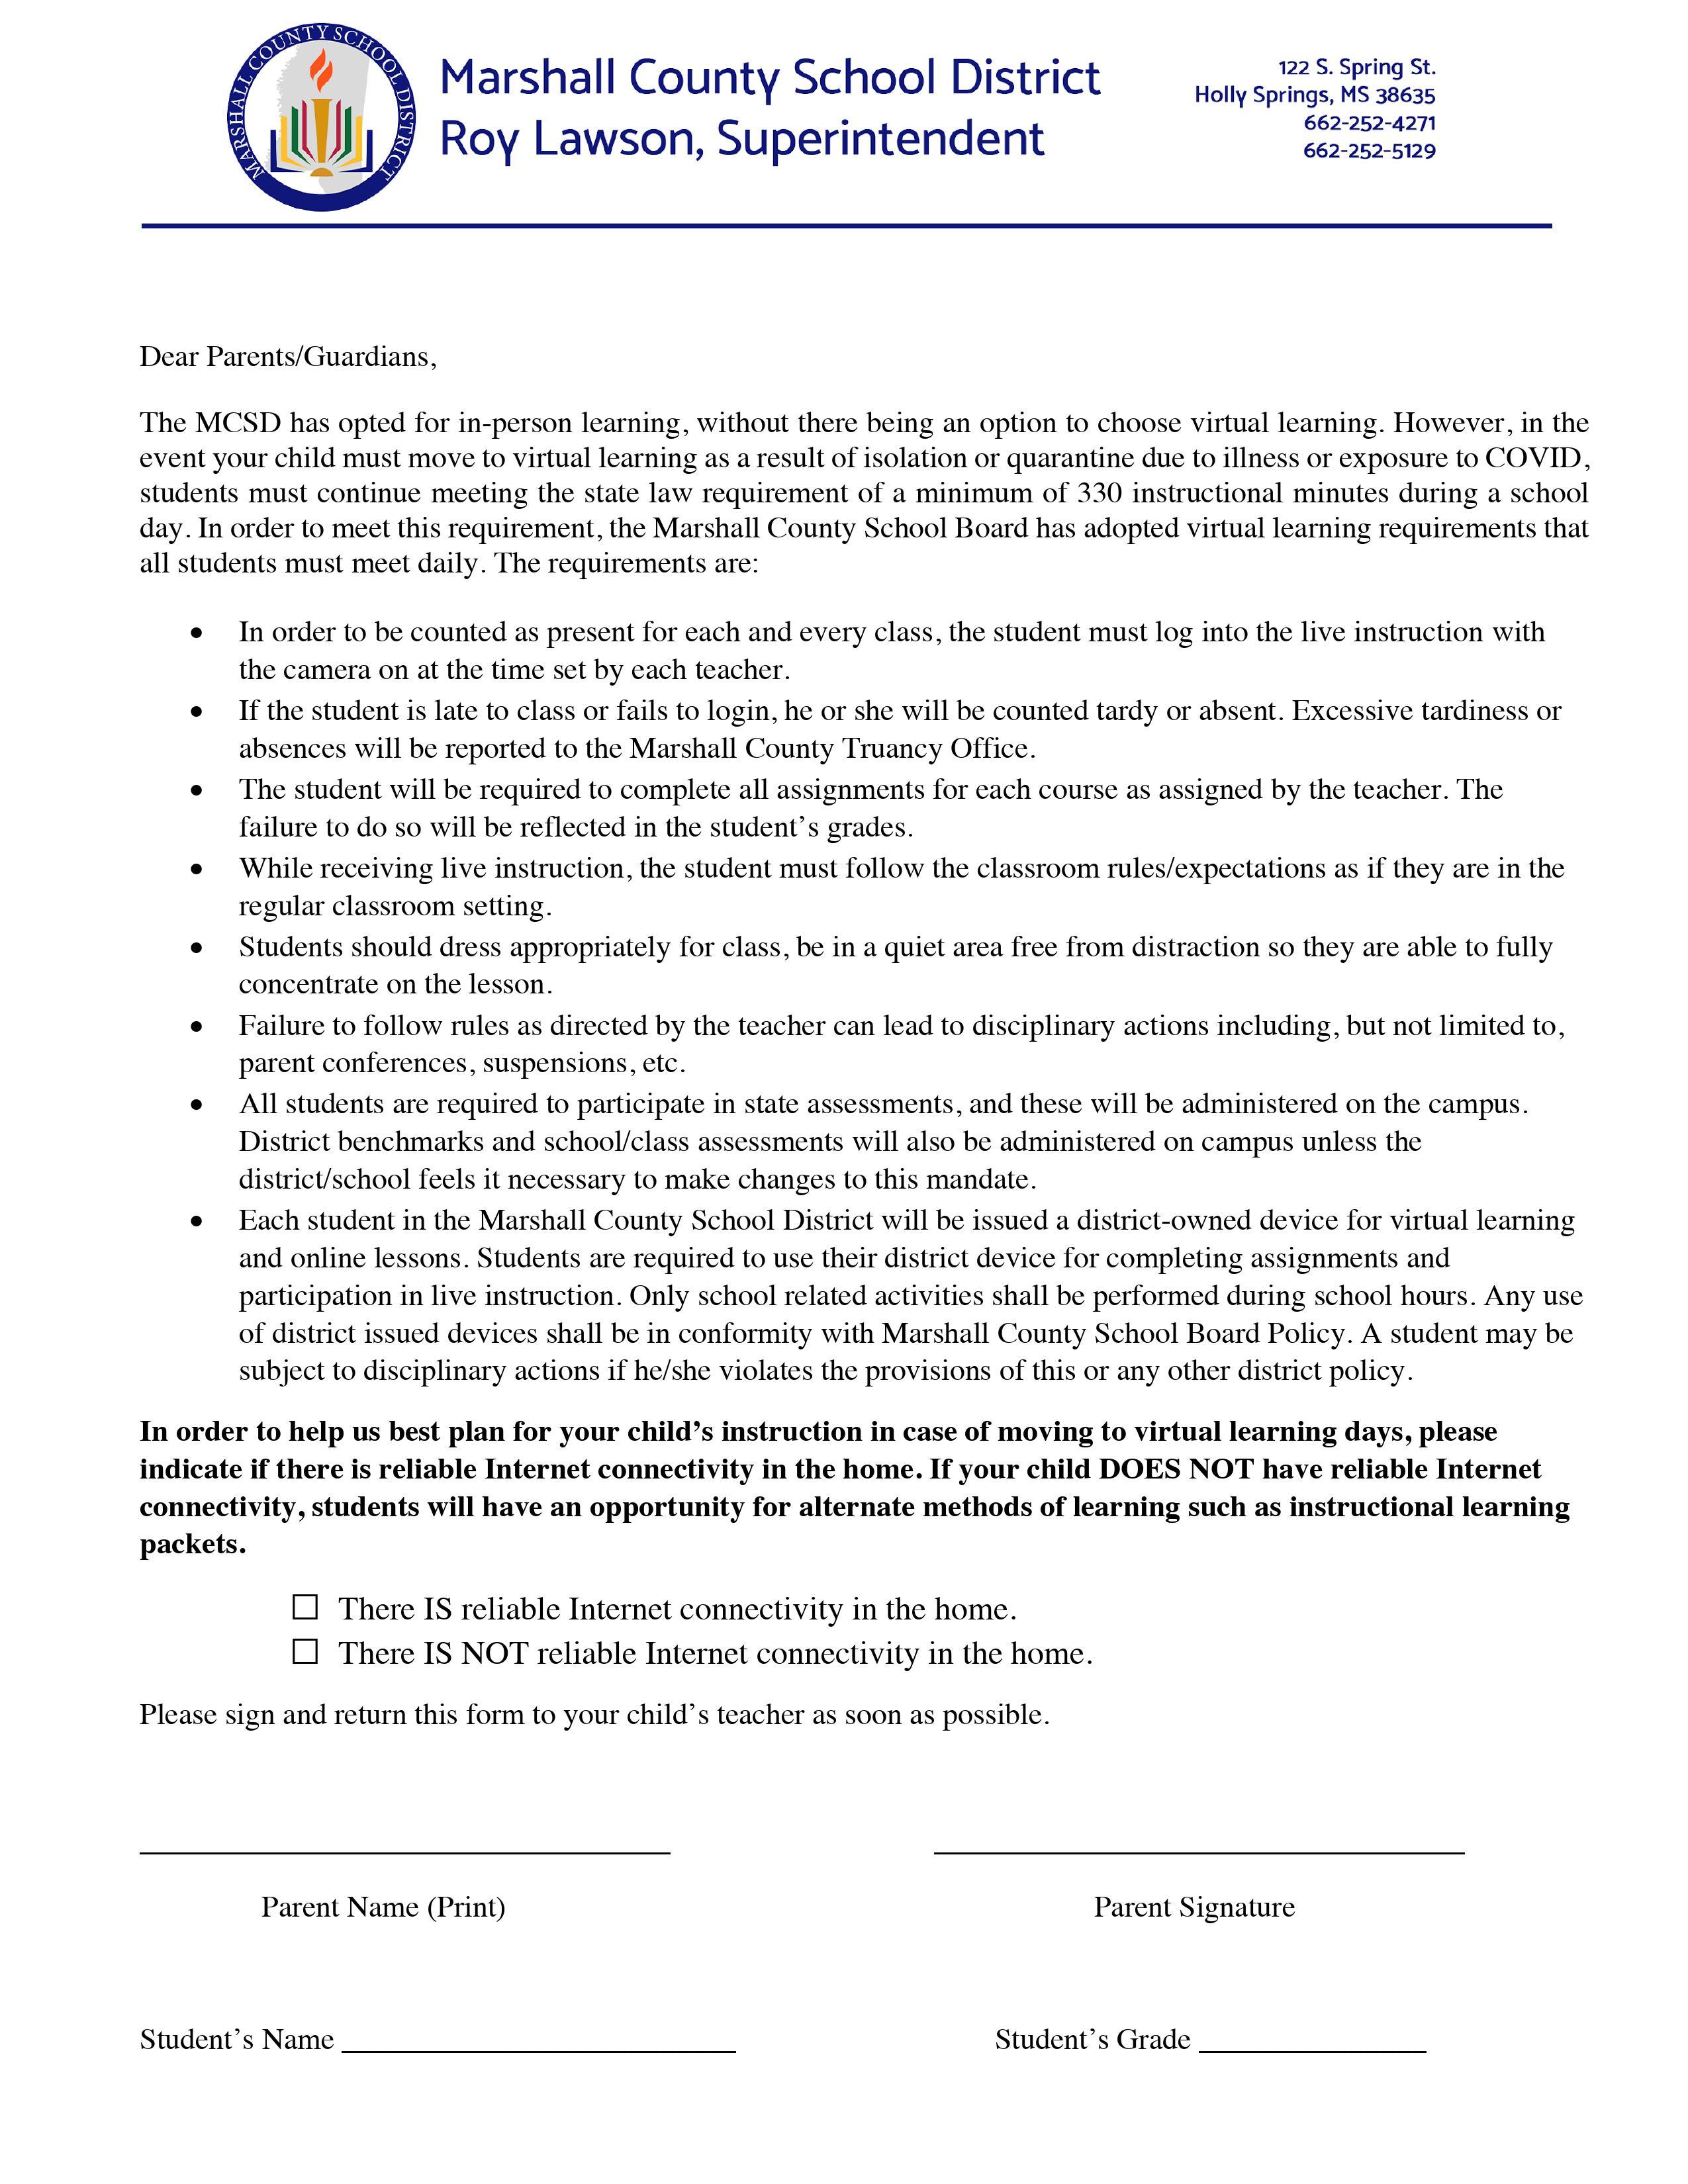 Letter Explaining Virtual Learning